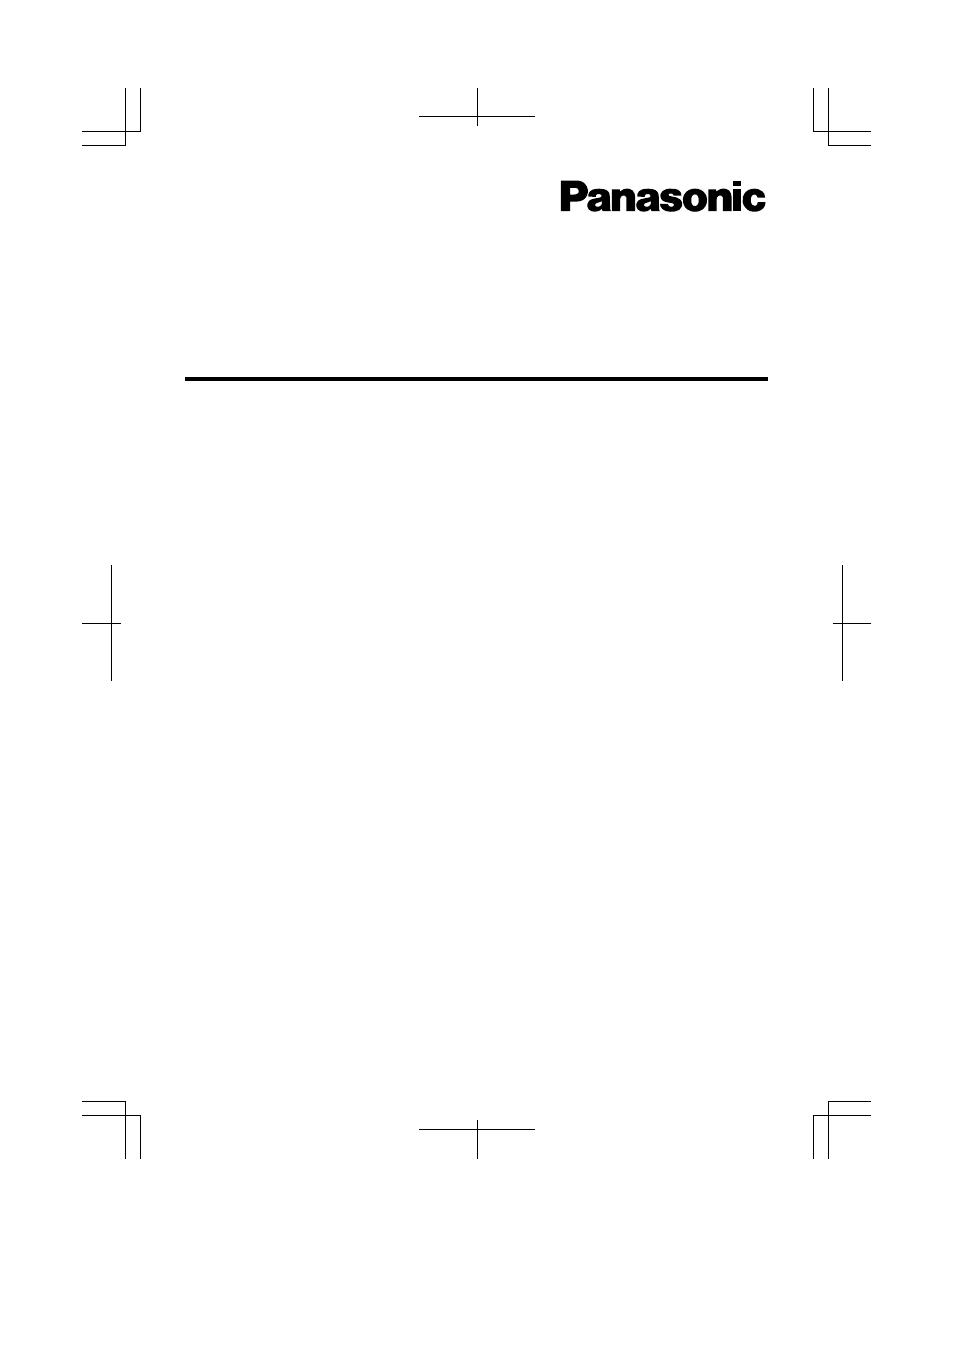 Панасоник Кх Т7633 инструкция